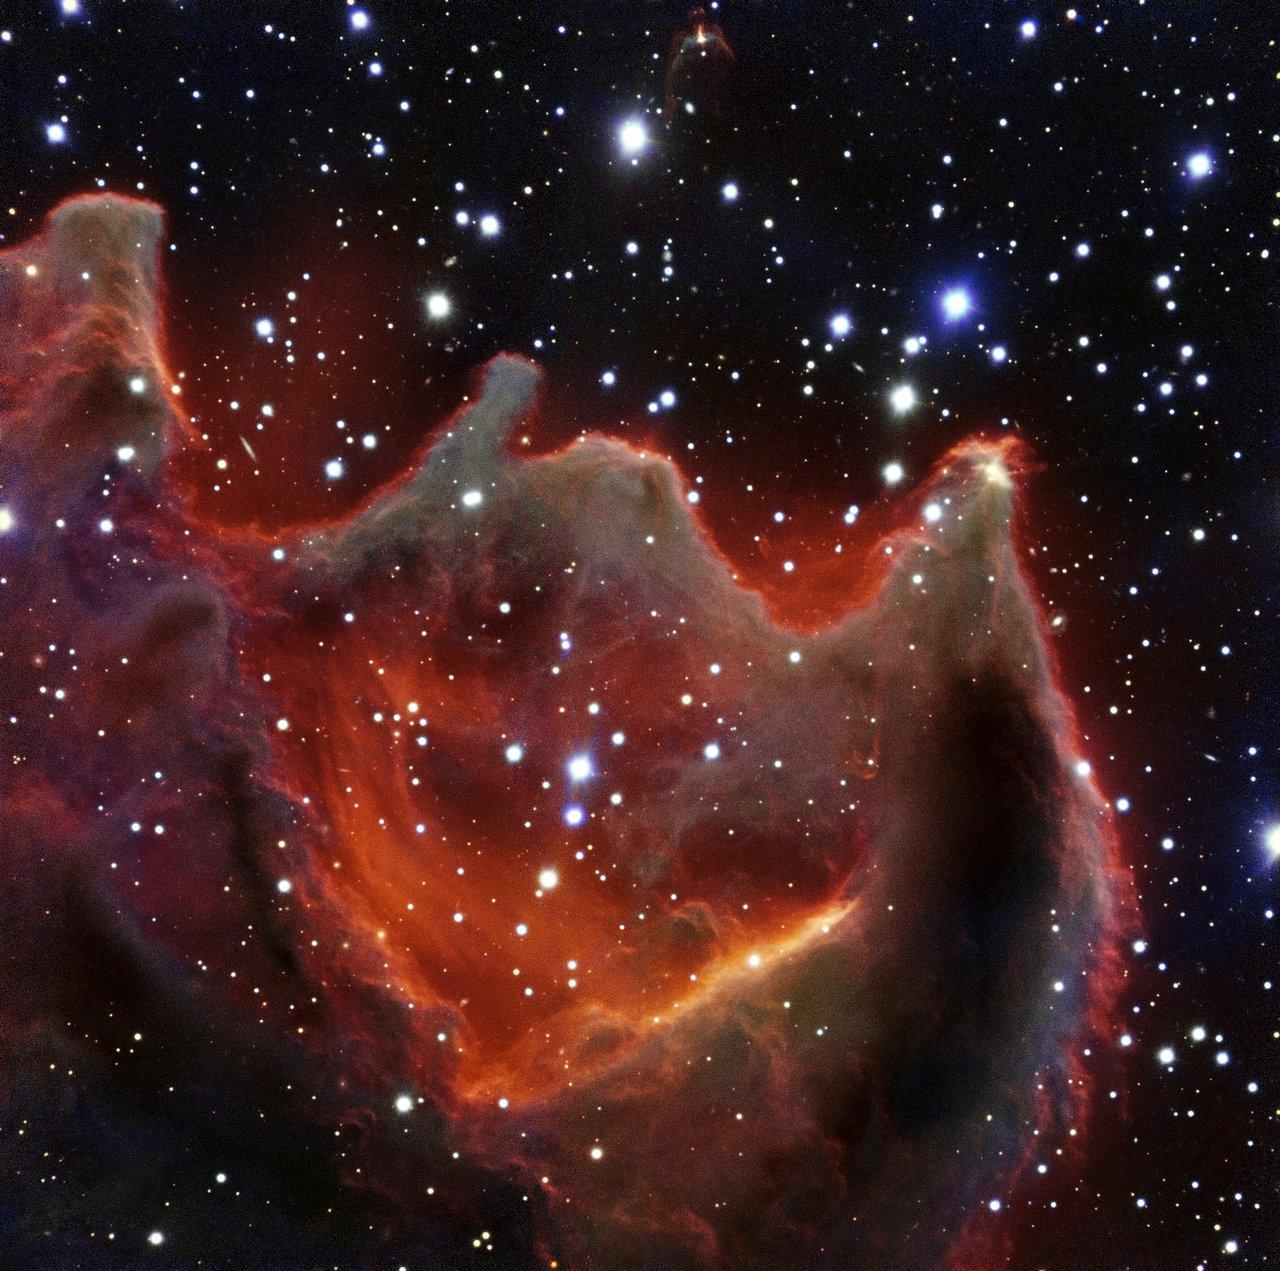 02-ESO-NEDELJNE VESTI IZ ASTRONOMIJE - 2015. Eso1503a